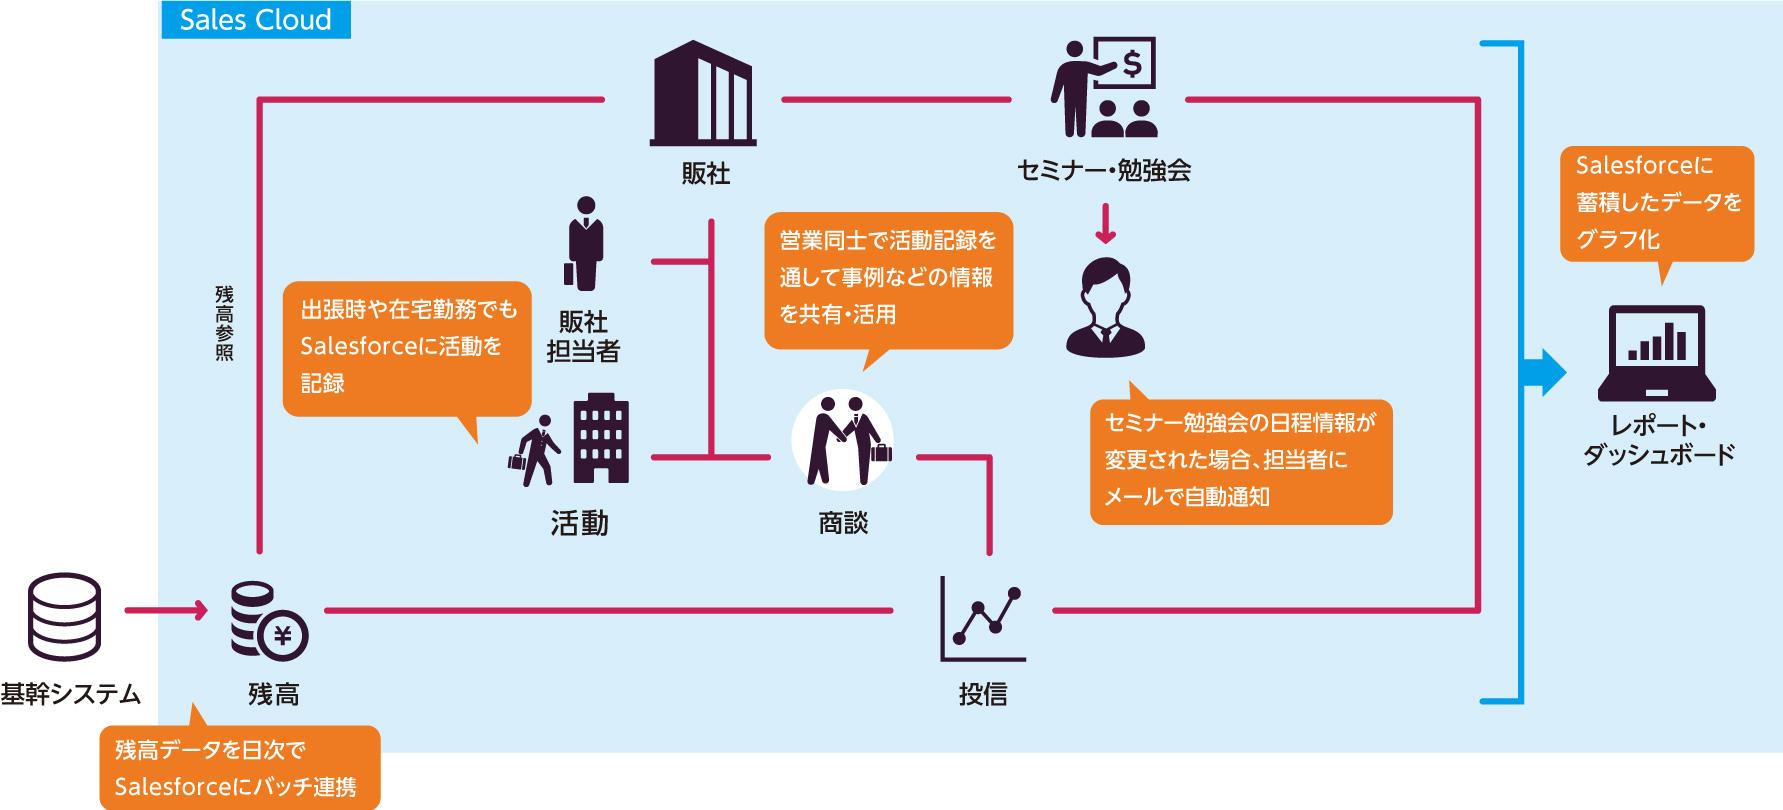 東京海上アセットマネジメントが実現したSalesforce導入による業務効率化